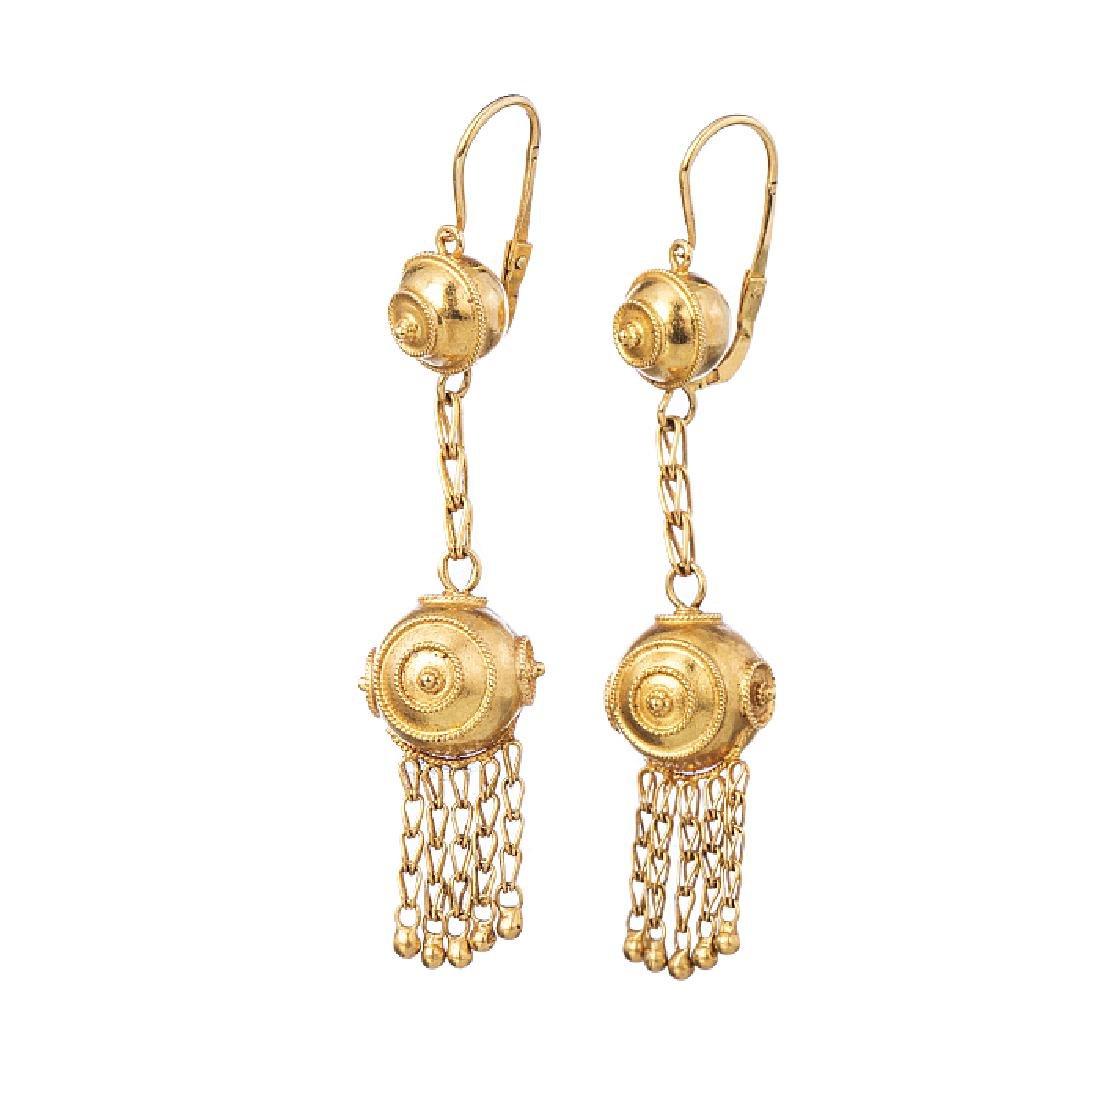 Earrings in Portuguese popular gold